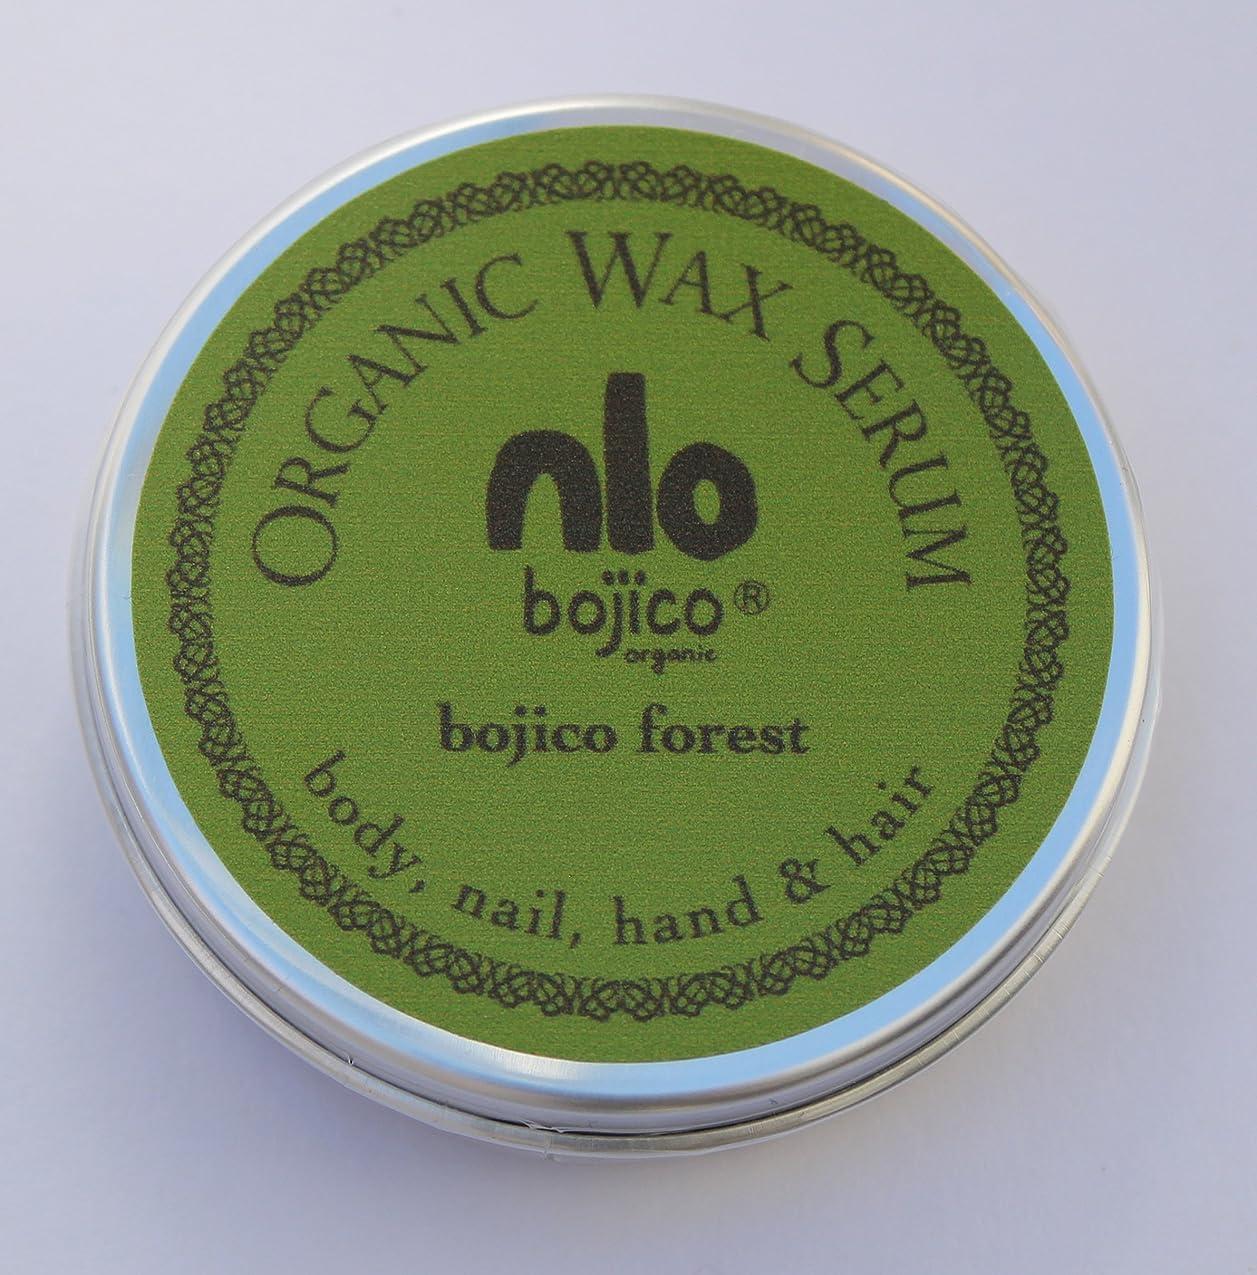 交通渋滞神学校机bojico オーガニック ワックス セラム<フォレスト> Organic Wax Serum 18g